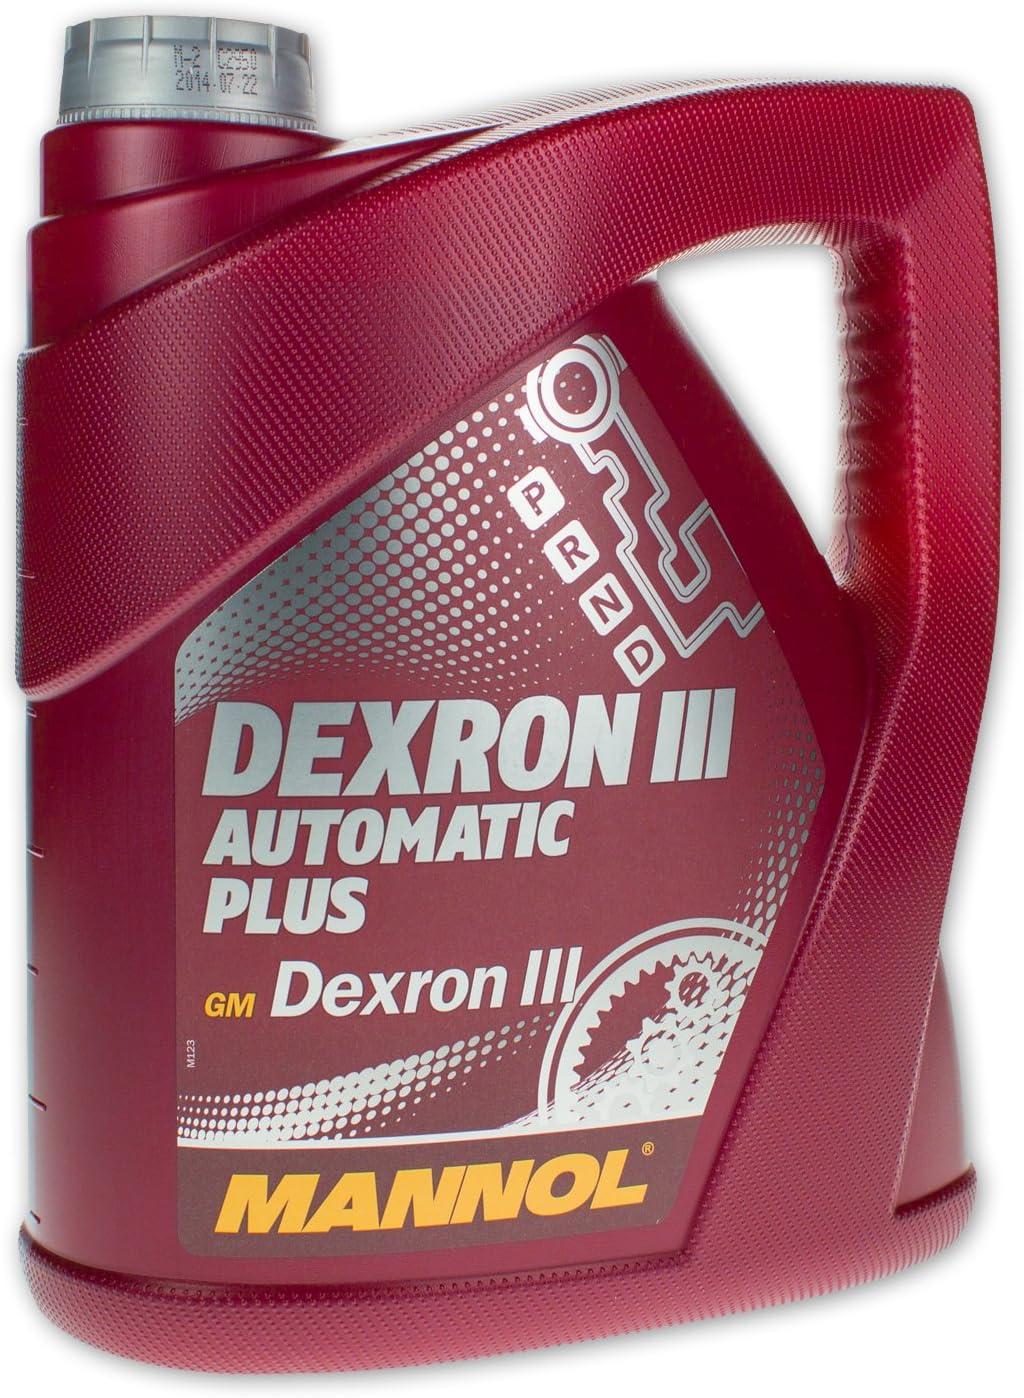 MANNOL Dexron III Automatic Plus, 4Litro